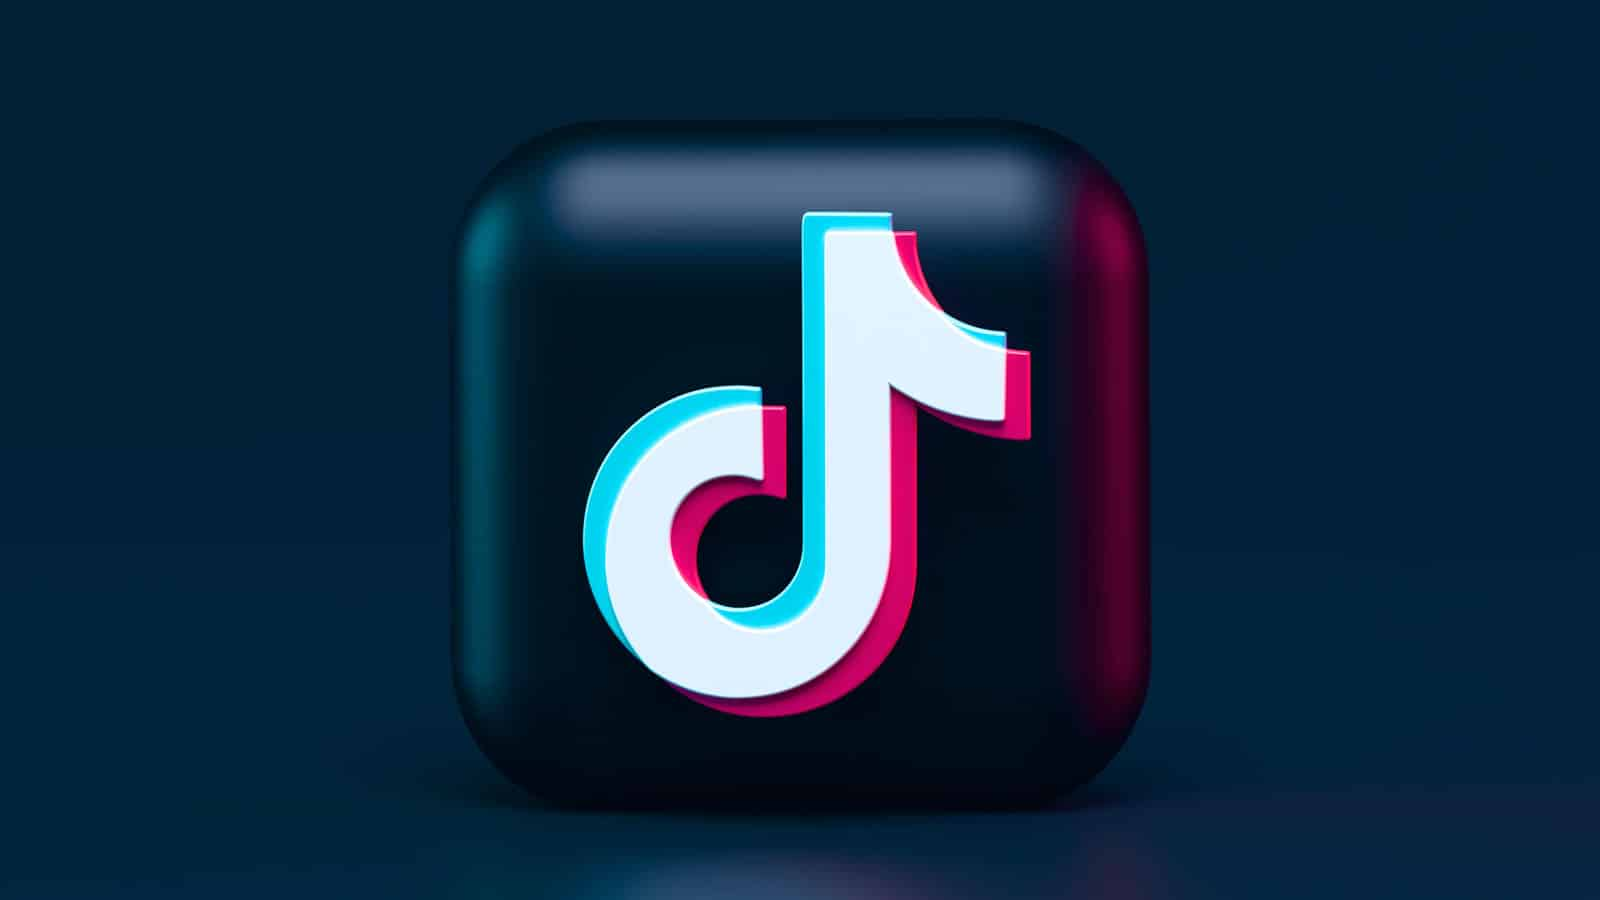 tiktok logo in 3d